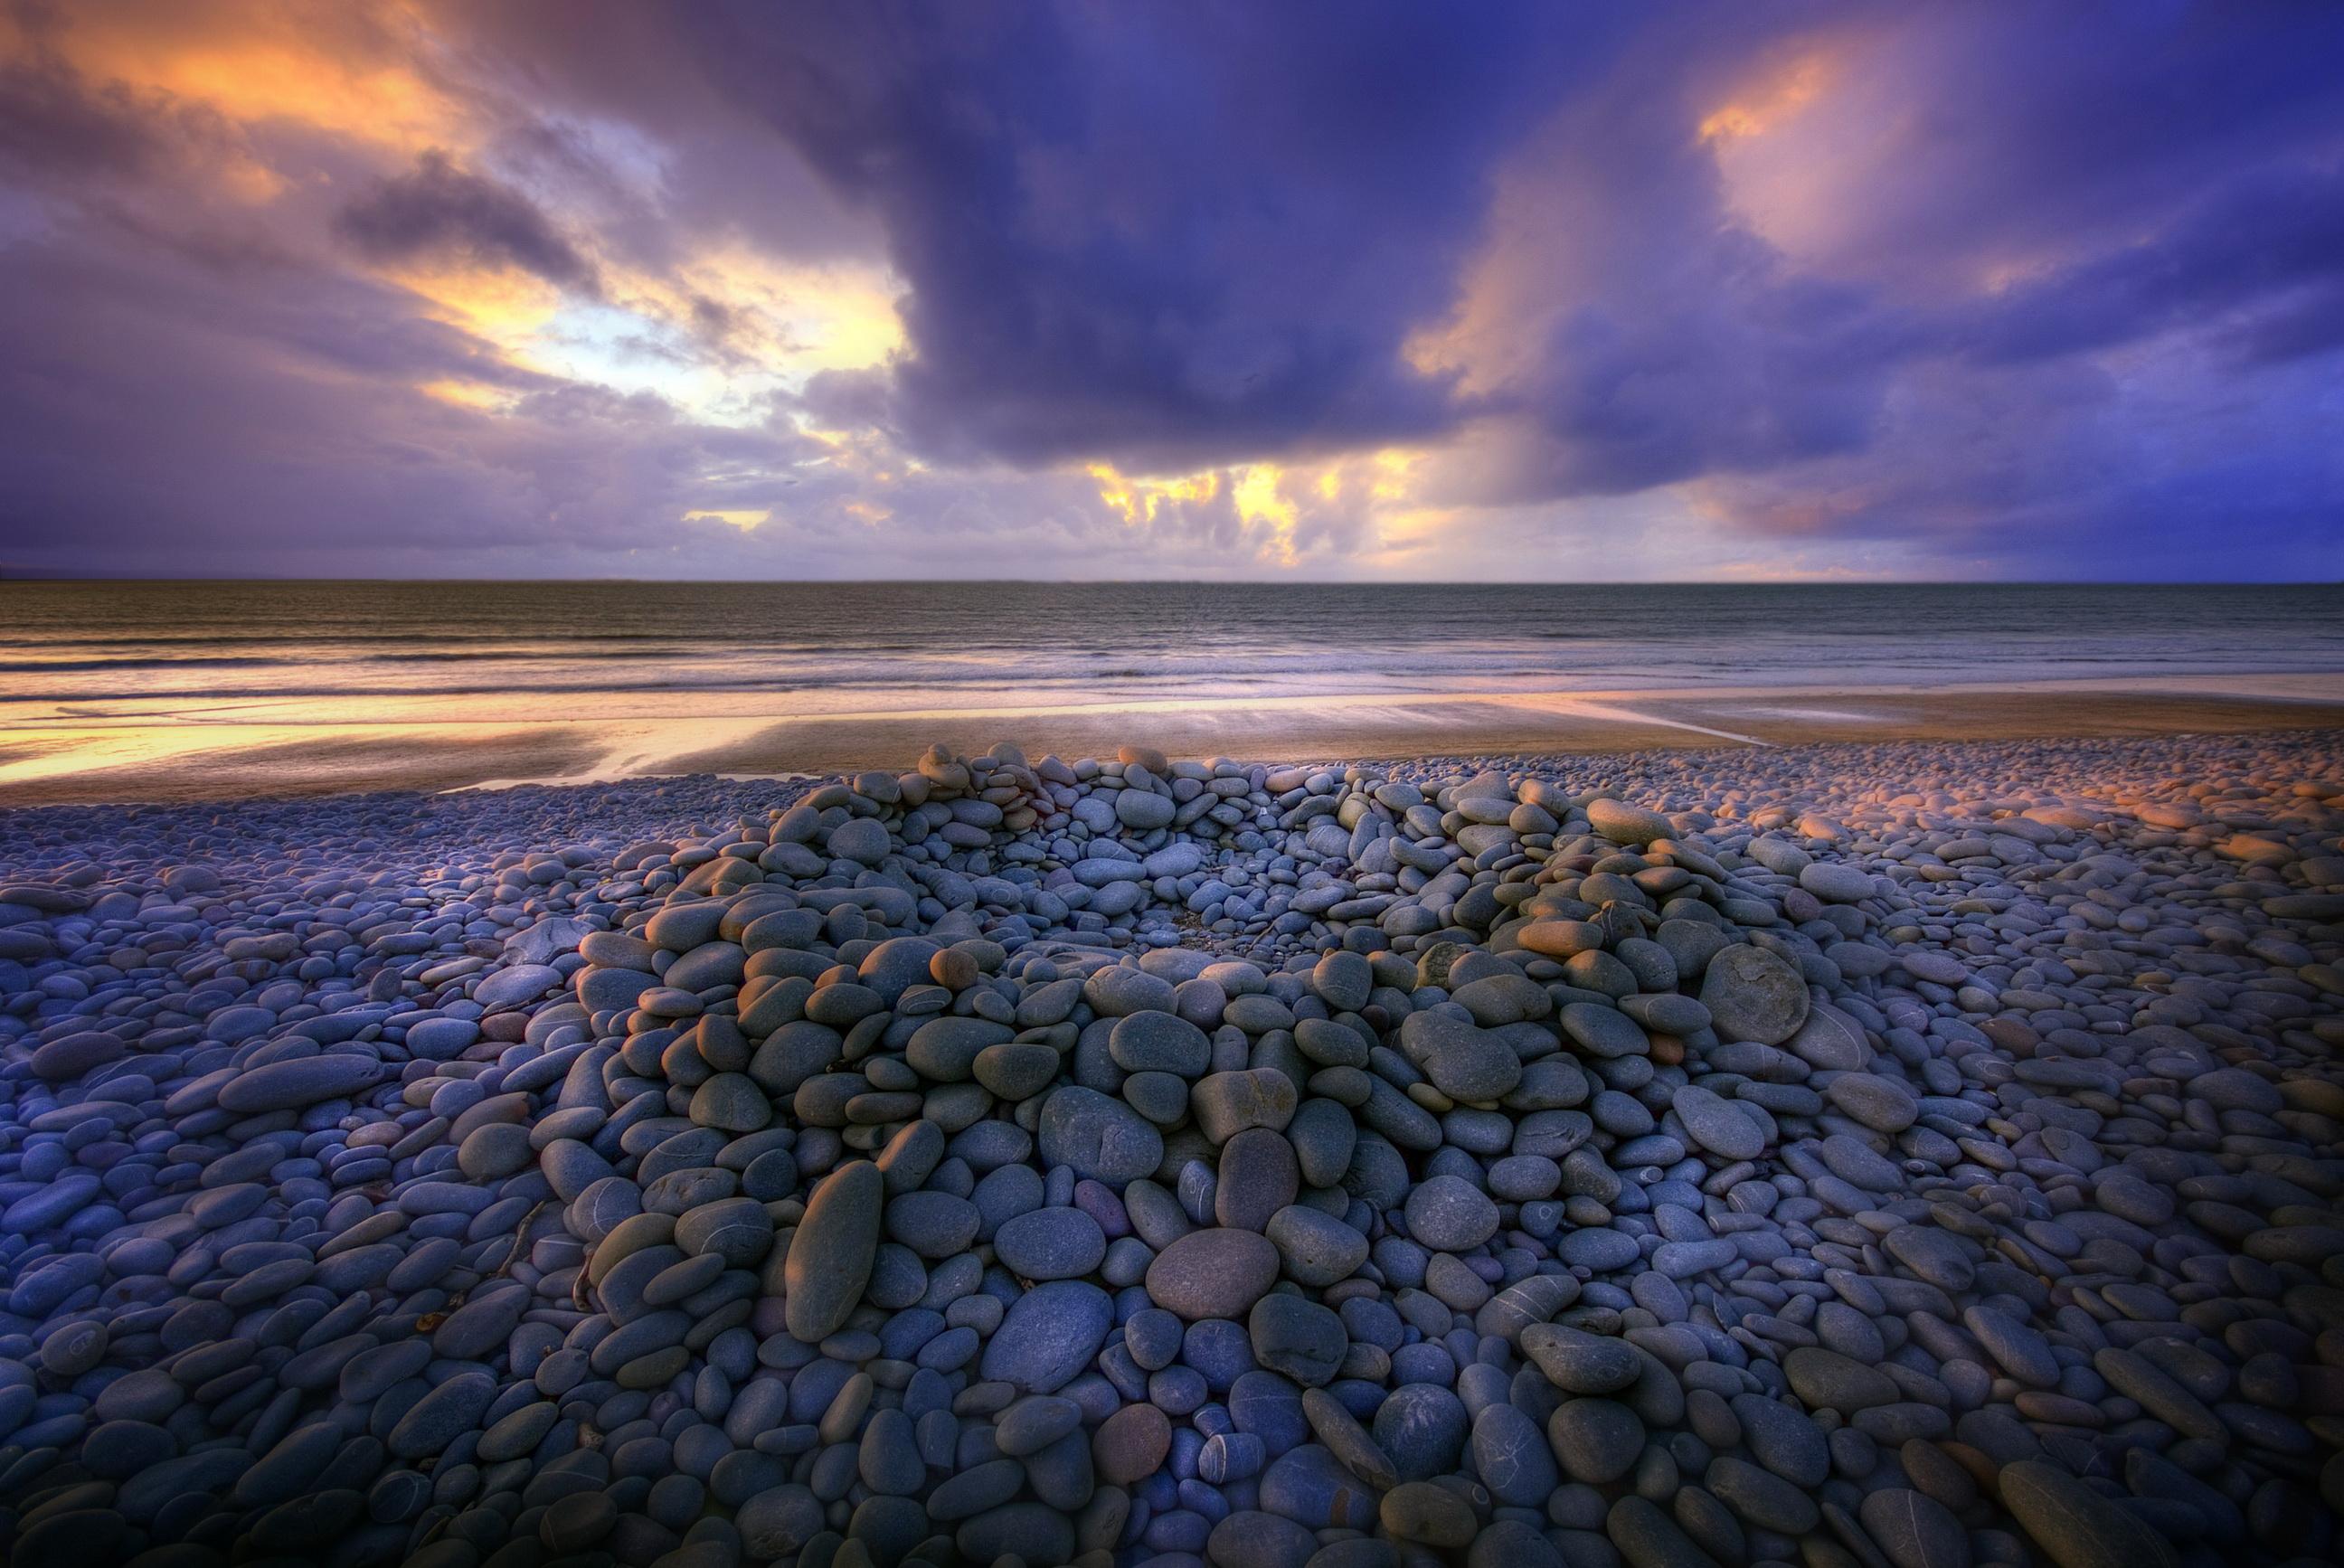 природа море берег небо горизонт  № 3776882 загрузить